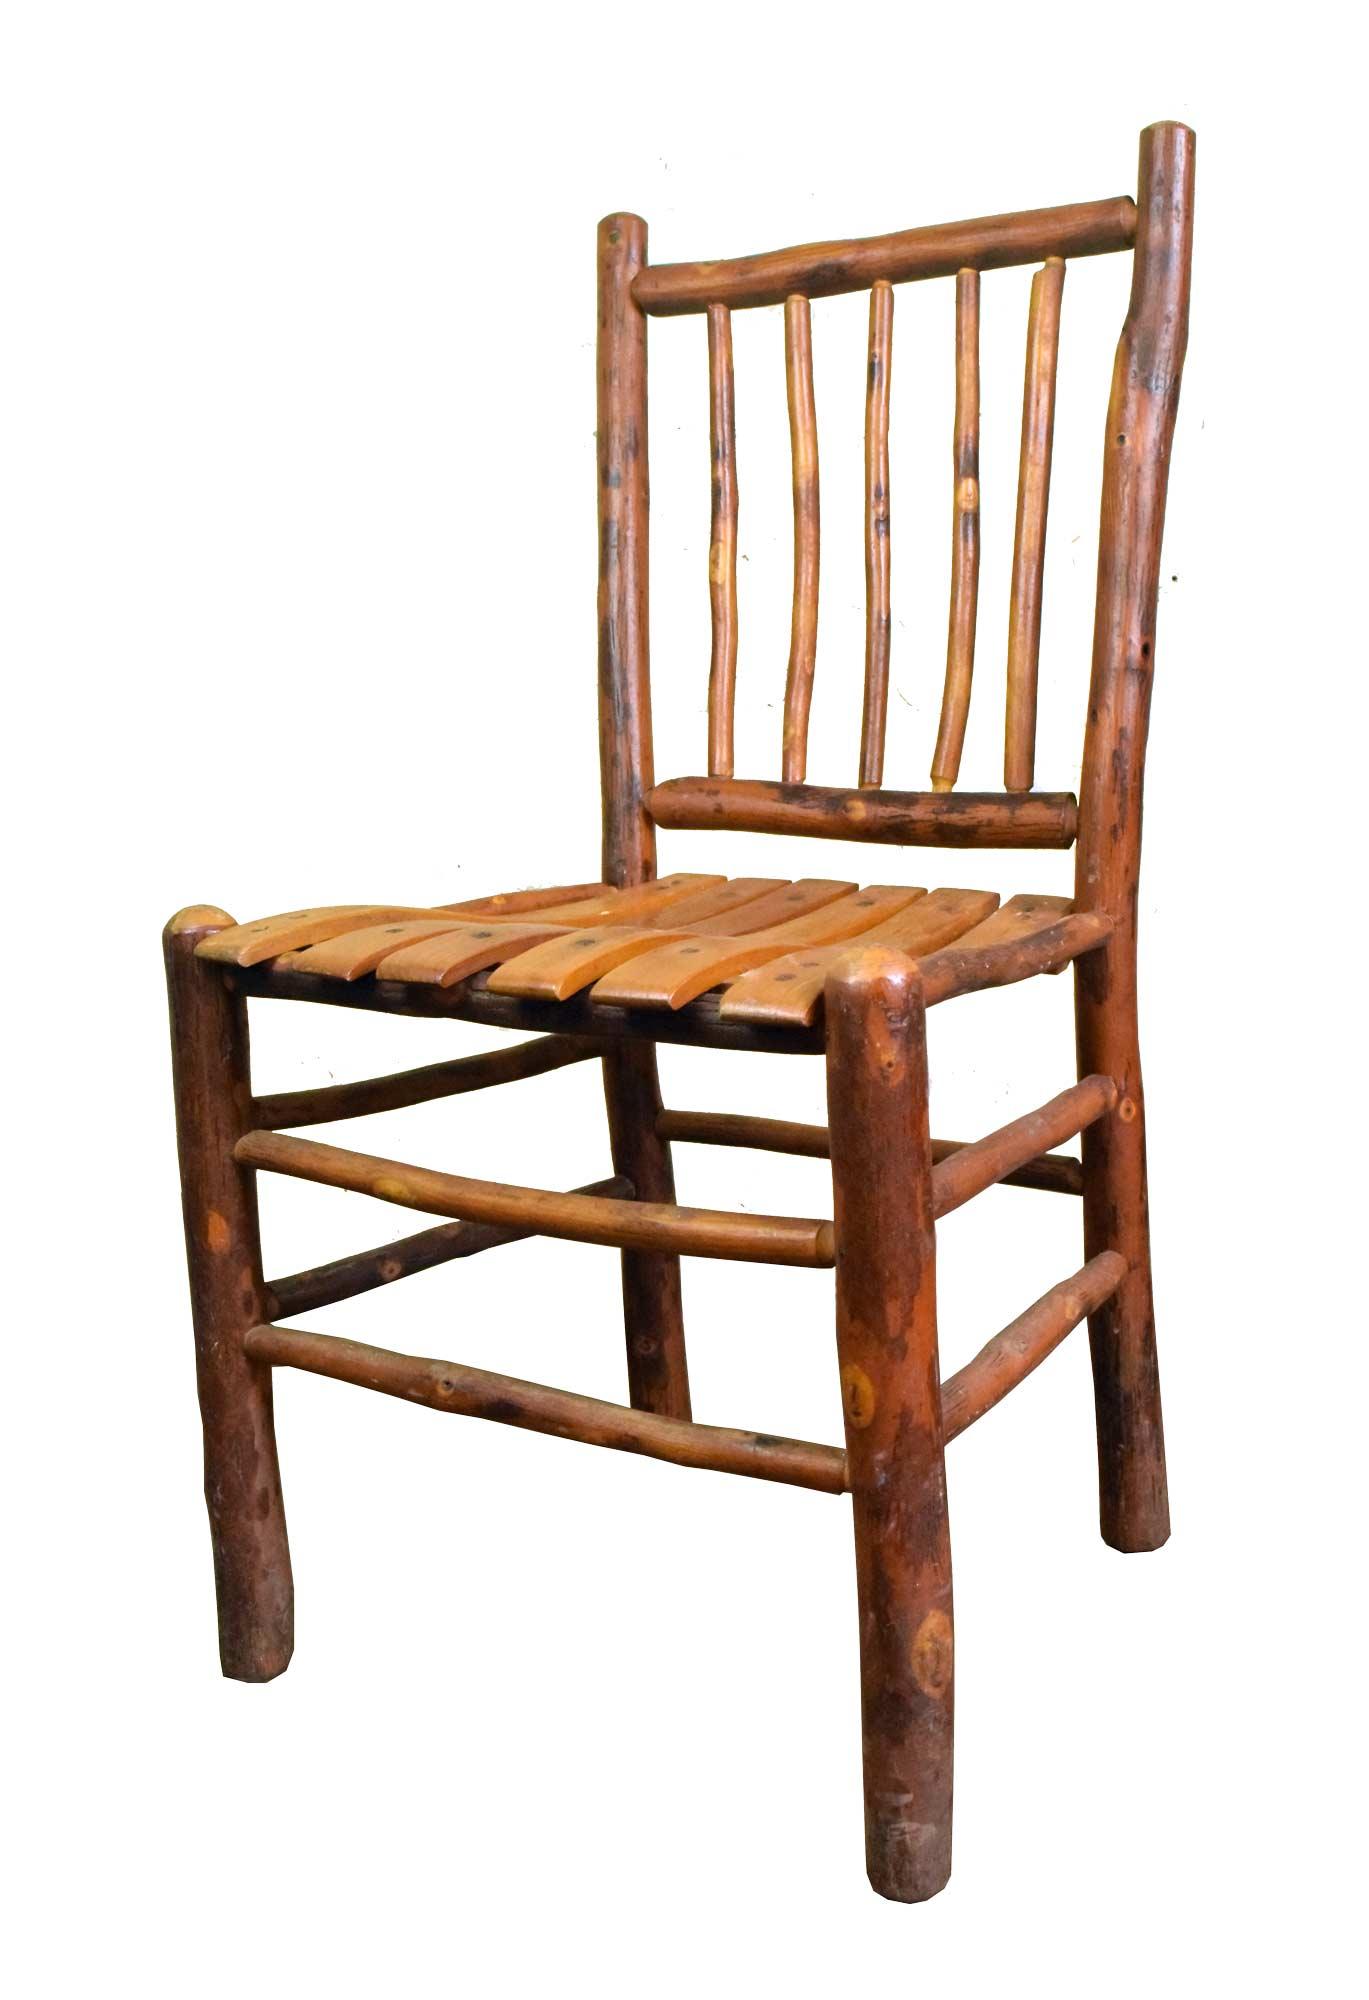 46894-hickory-chair-set-angle-view.jpg